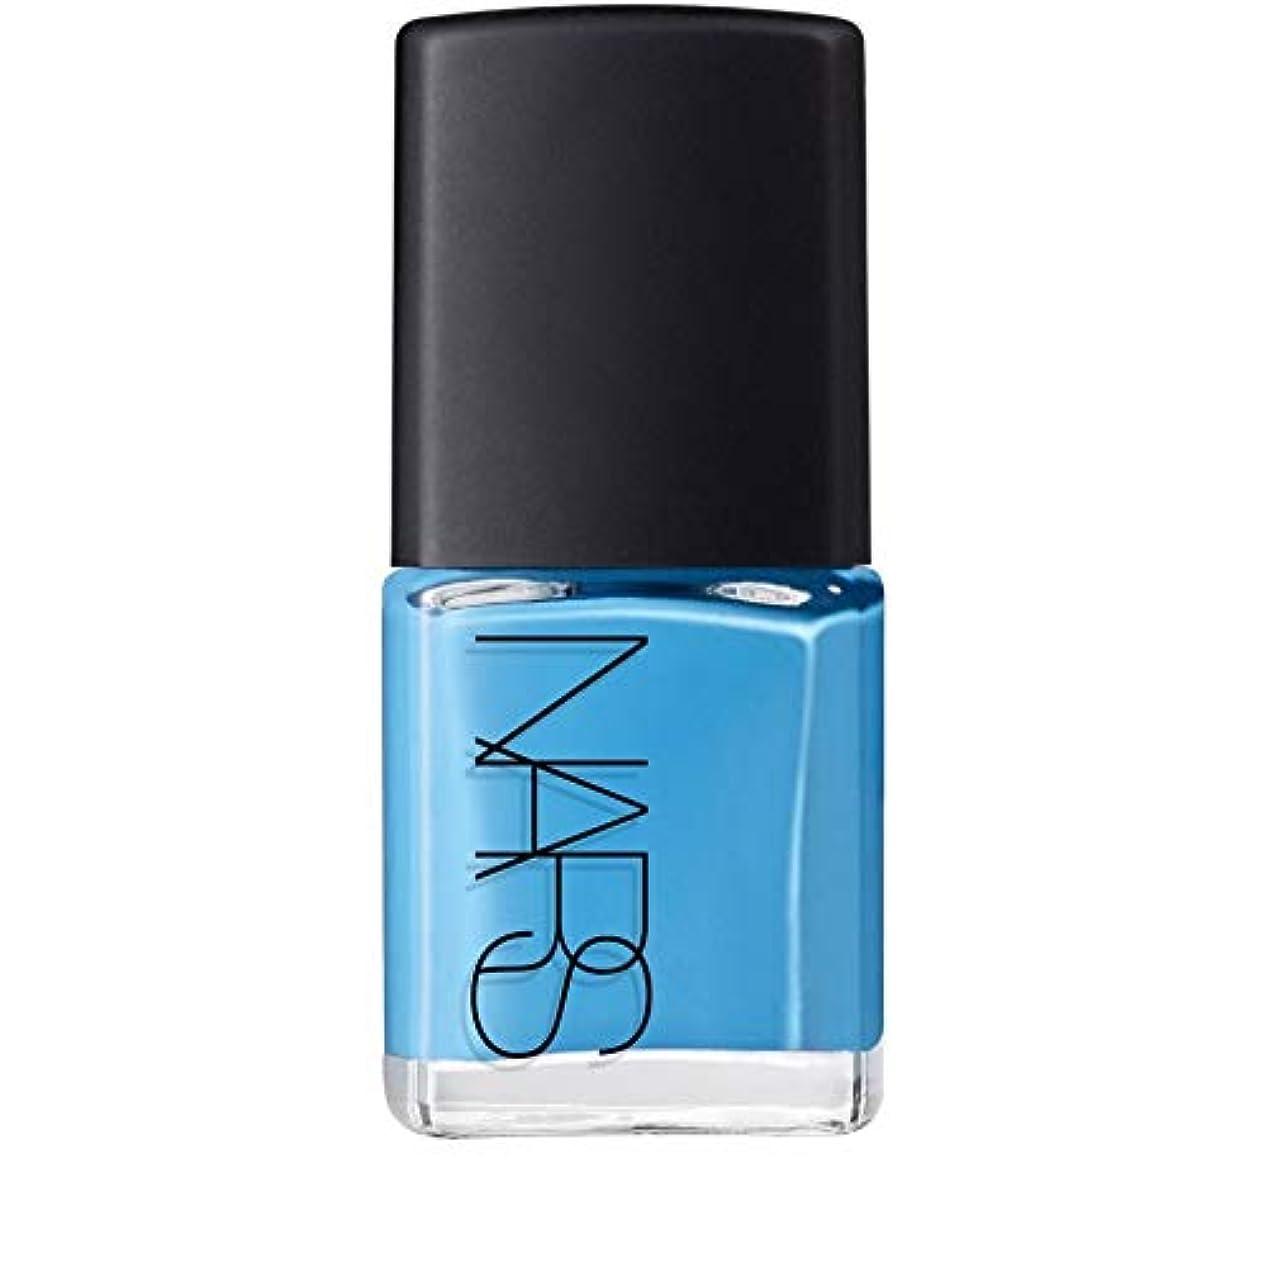 セレナ本物ルーキー[Nars] 生きるライトブルーでのNarマニキュア - Nars Nail Polish in Ikiru Light Blue [並行輸入品]